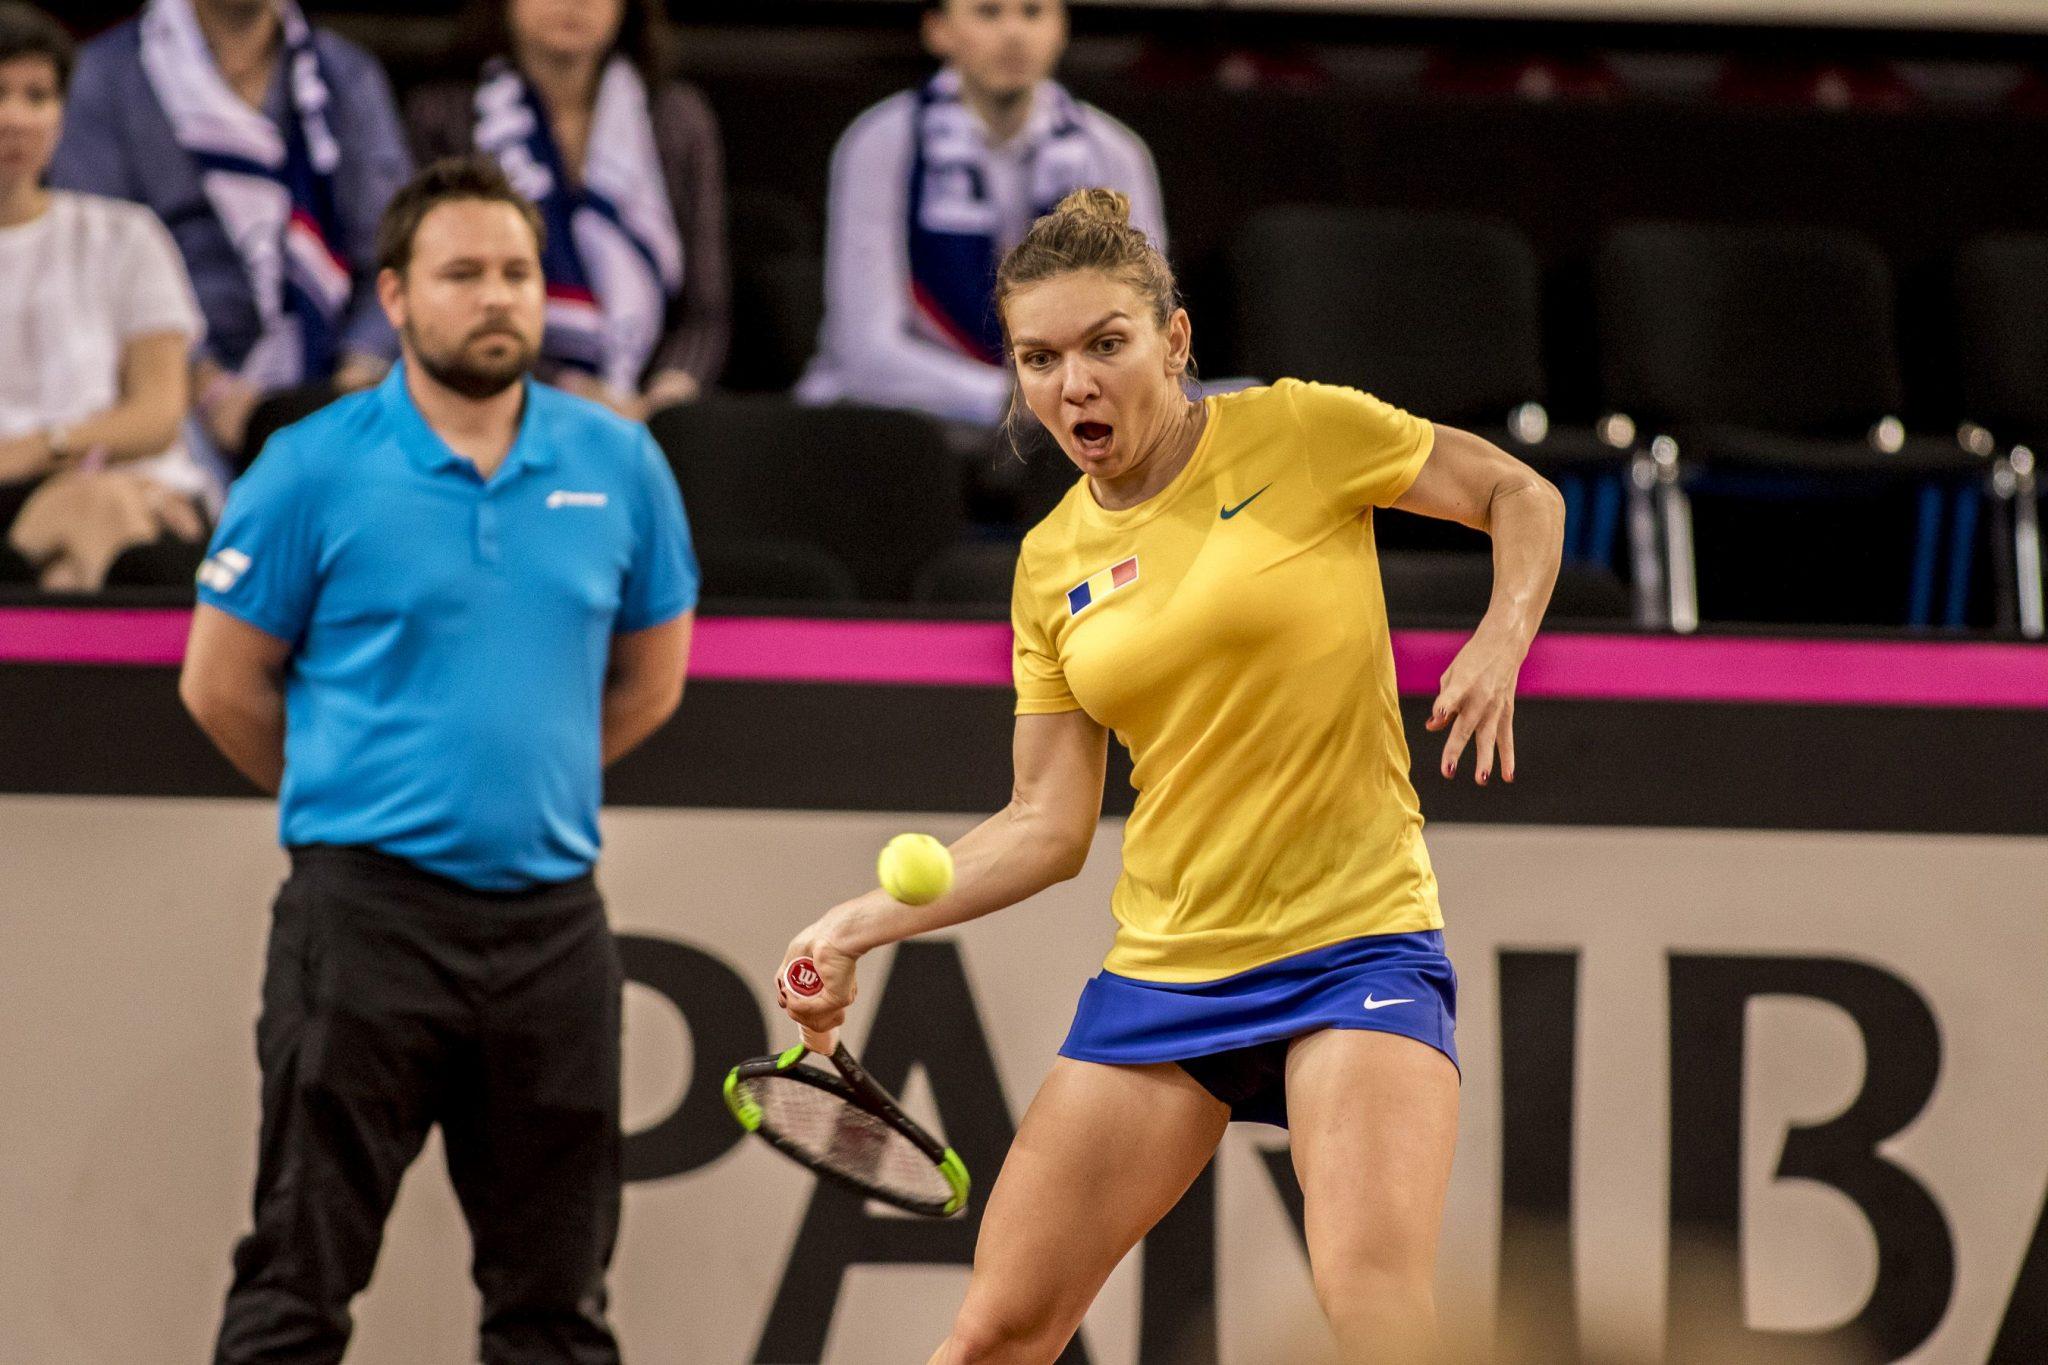 România va avea 3 reprezentante la Jocurile Olimpice